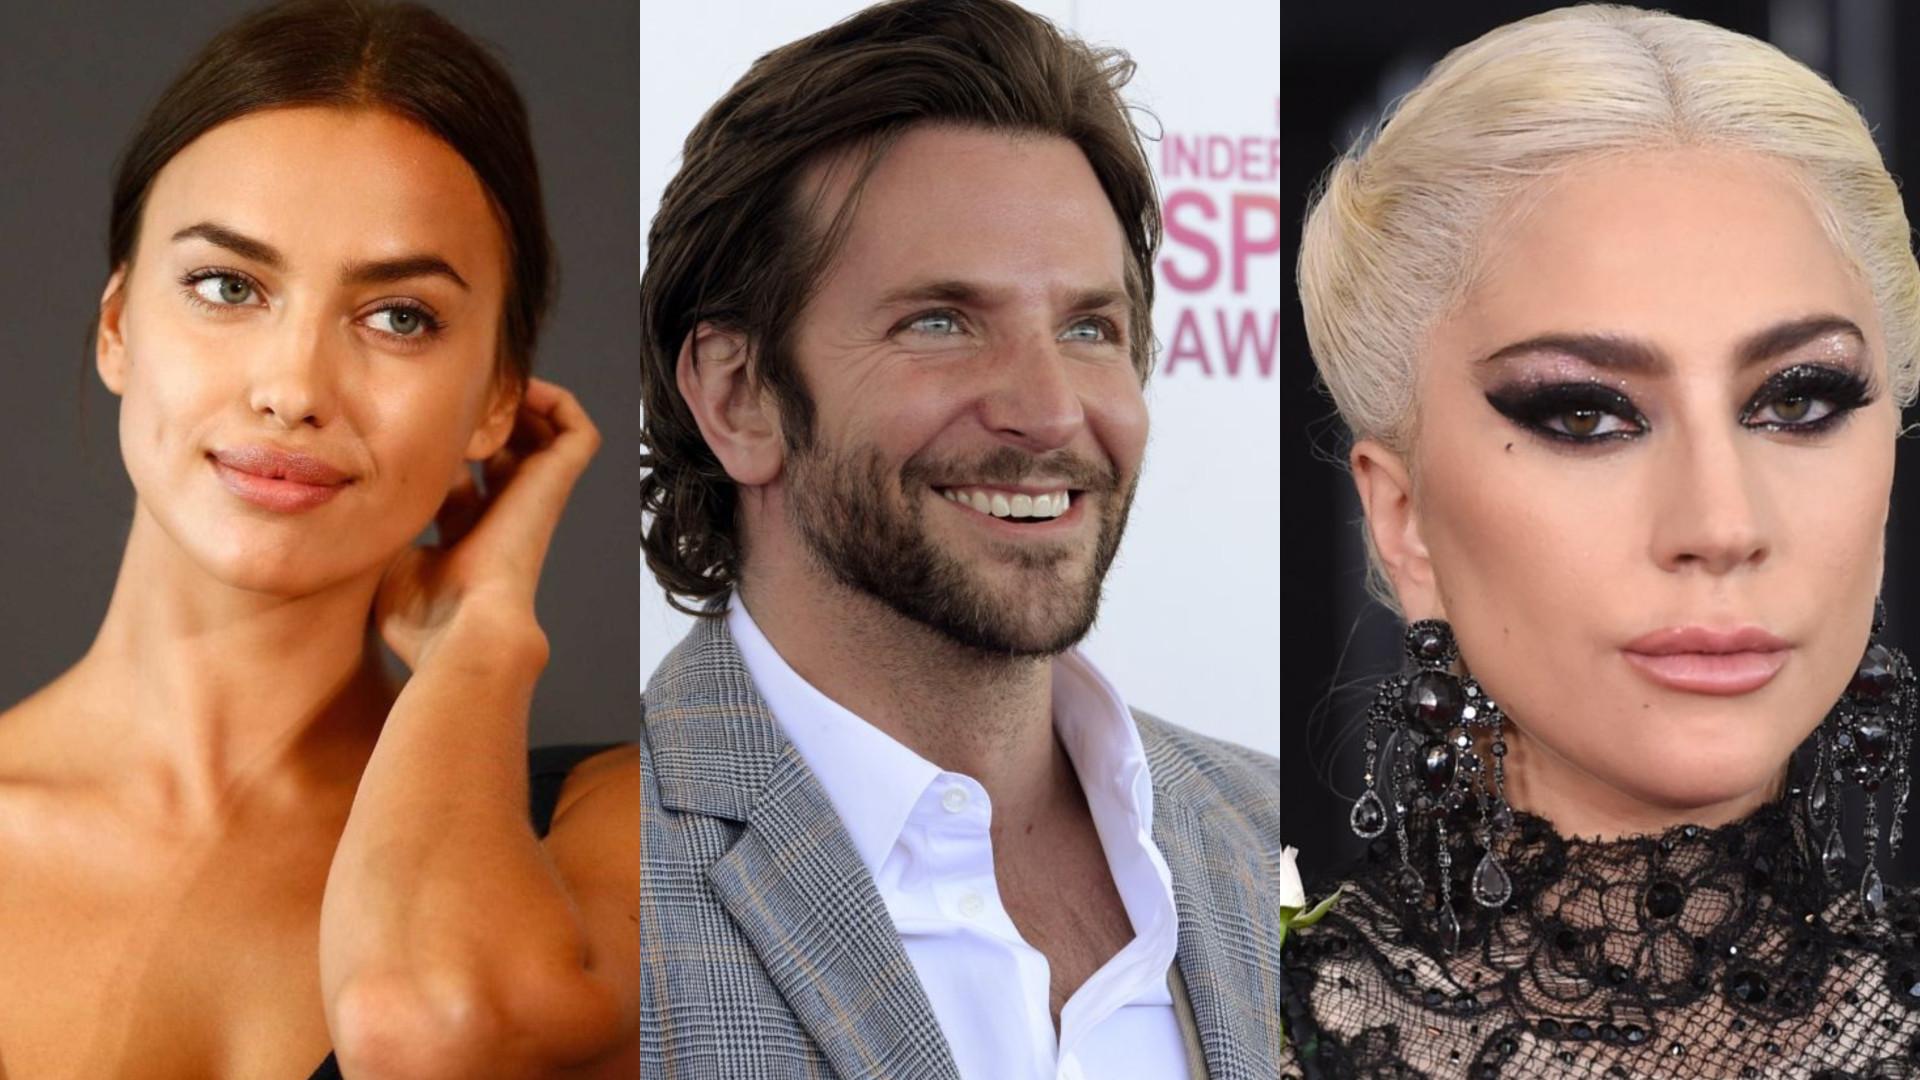 Ninguém se mete com Bradley Cooper: Irina com ciúmes... de Lady Gaga